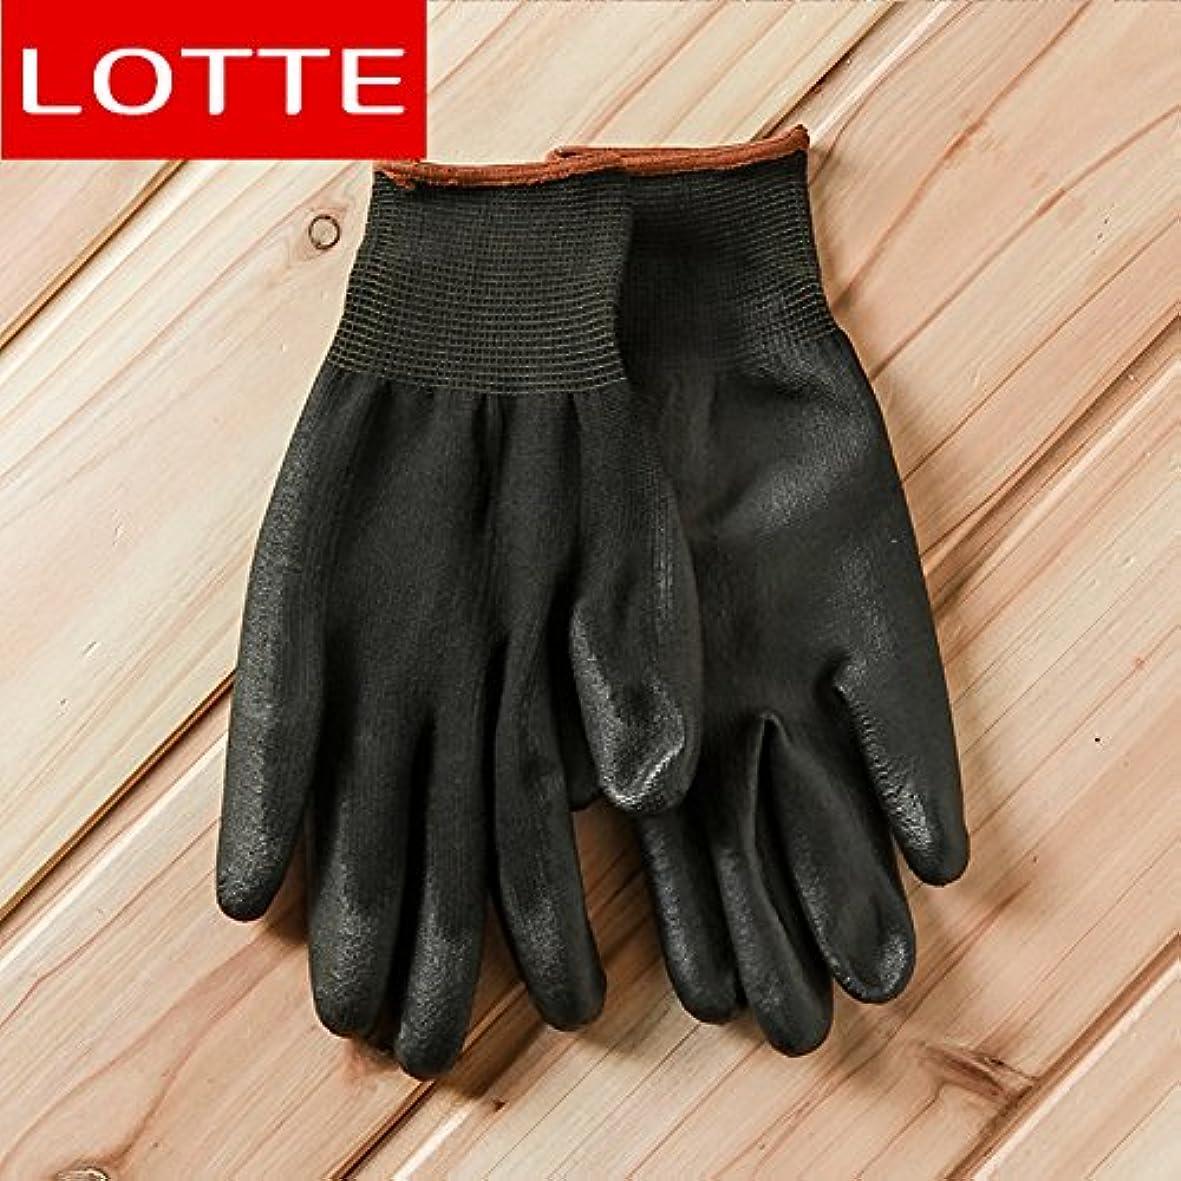 資産元気な感じるVBMDoM ロッテのPUパームコーティング作業手袋(黒/大) x 3つ [並行輸入品]